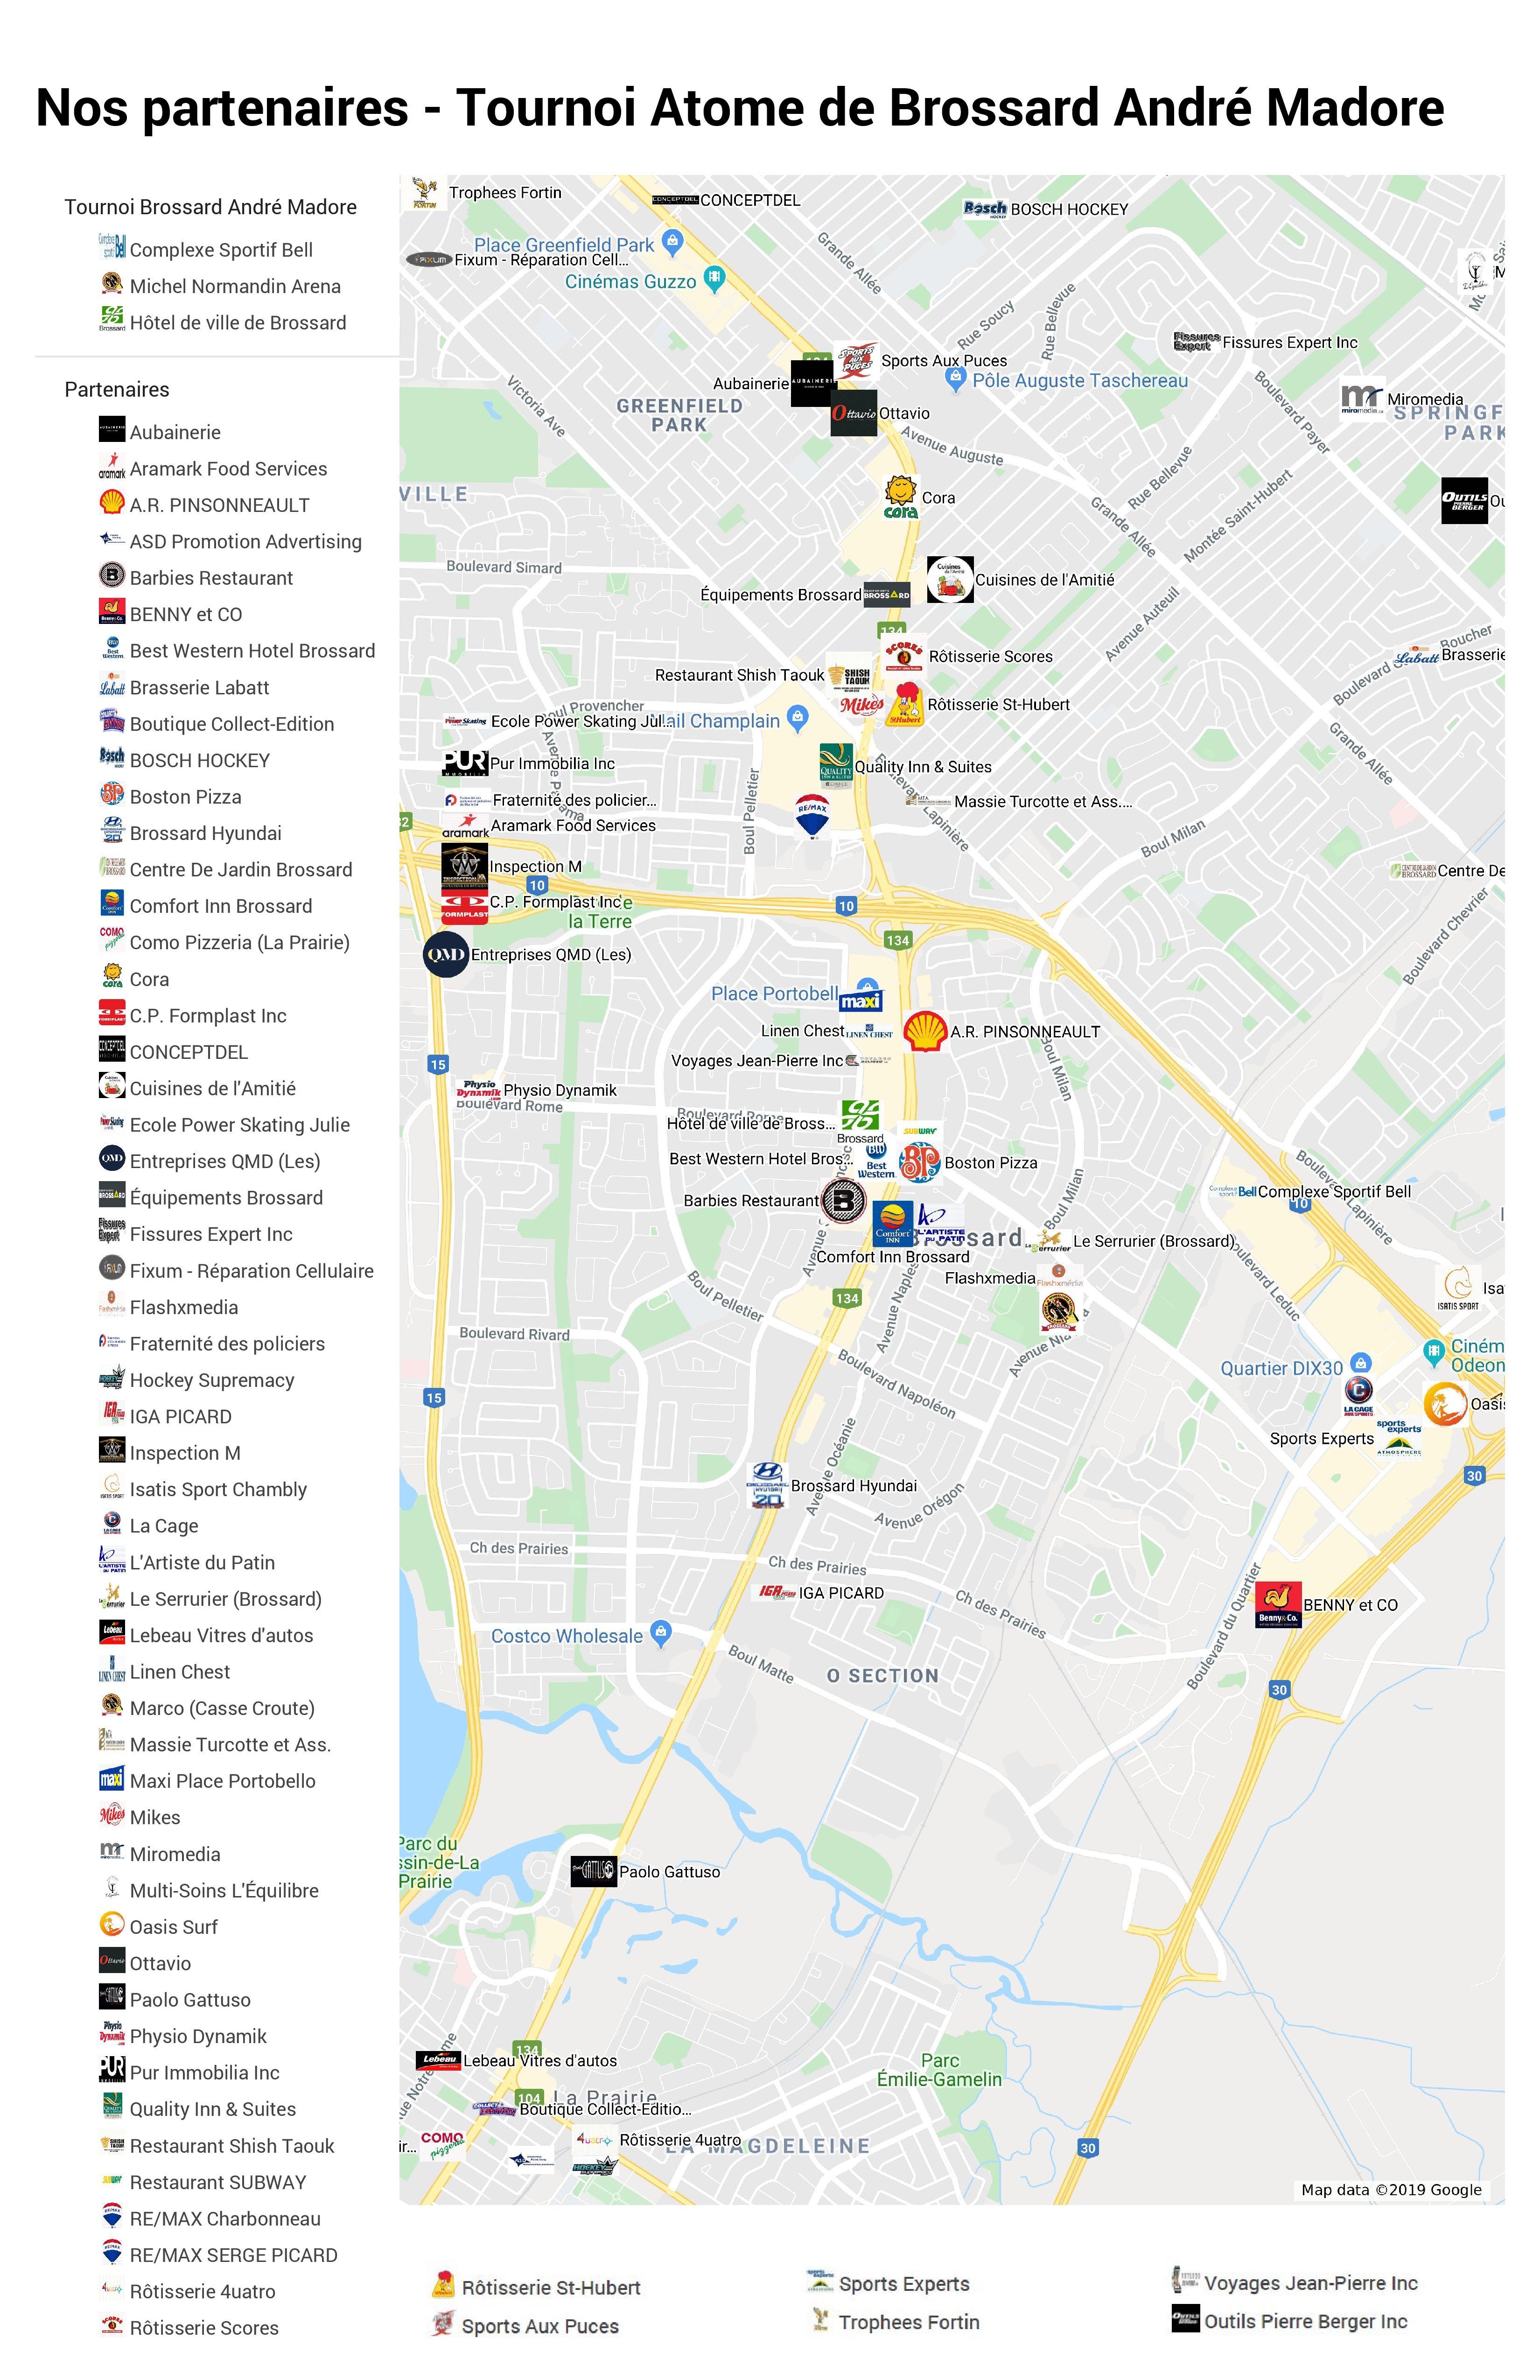 Partenaires Map2019-12-04 (Modif).jpg (1.49 MB)